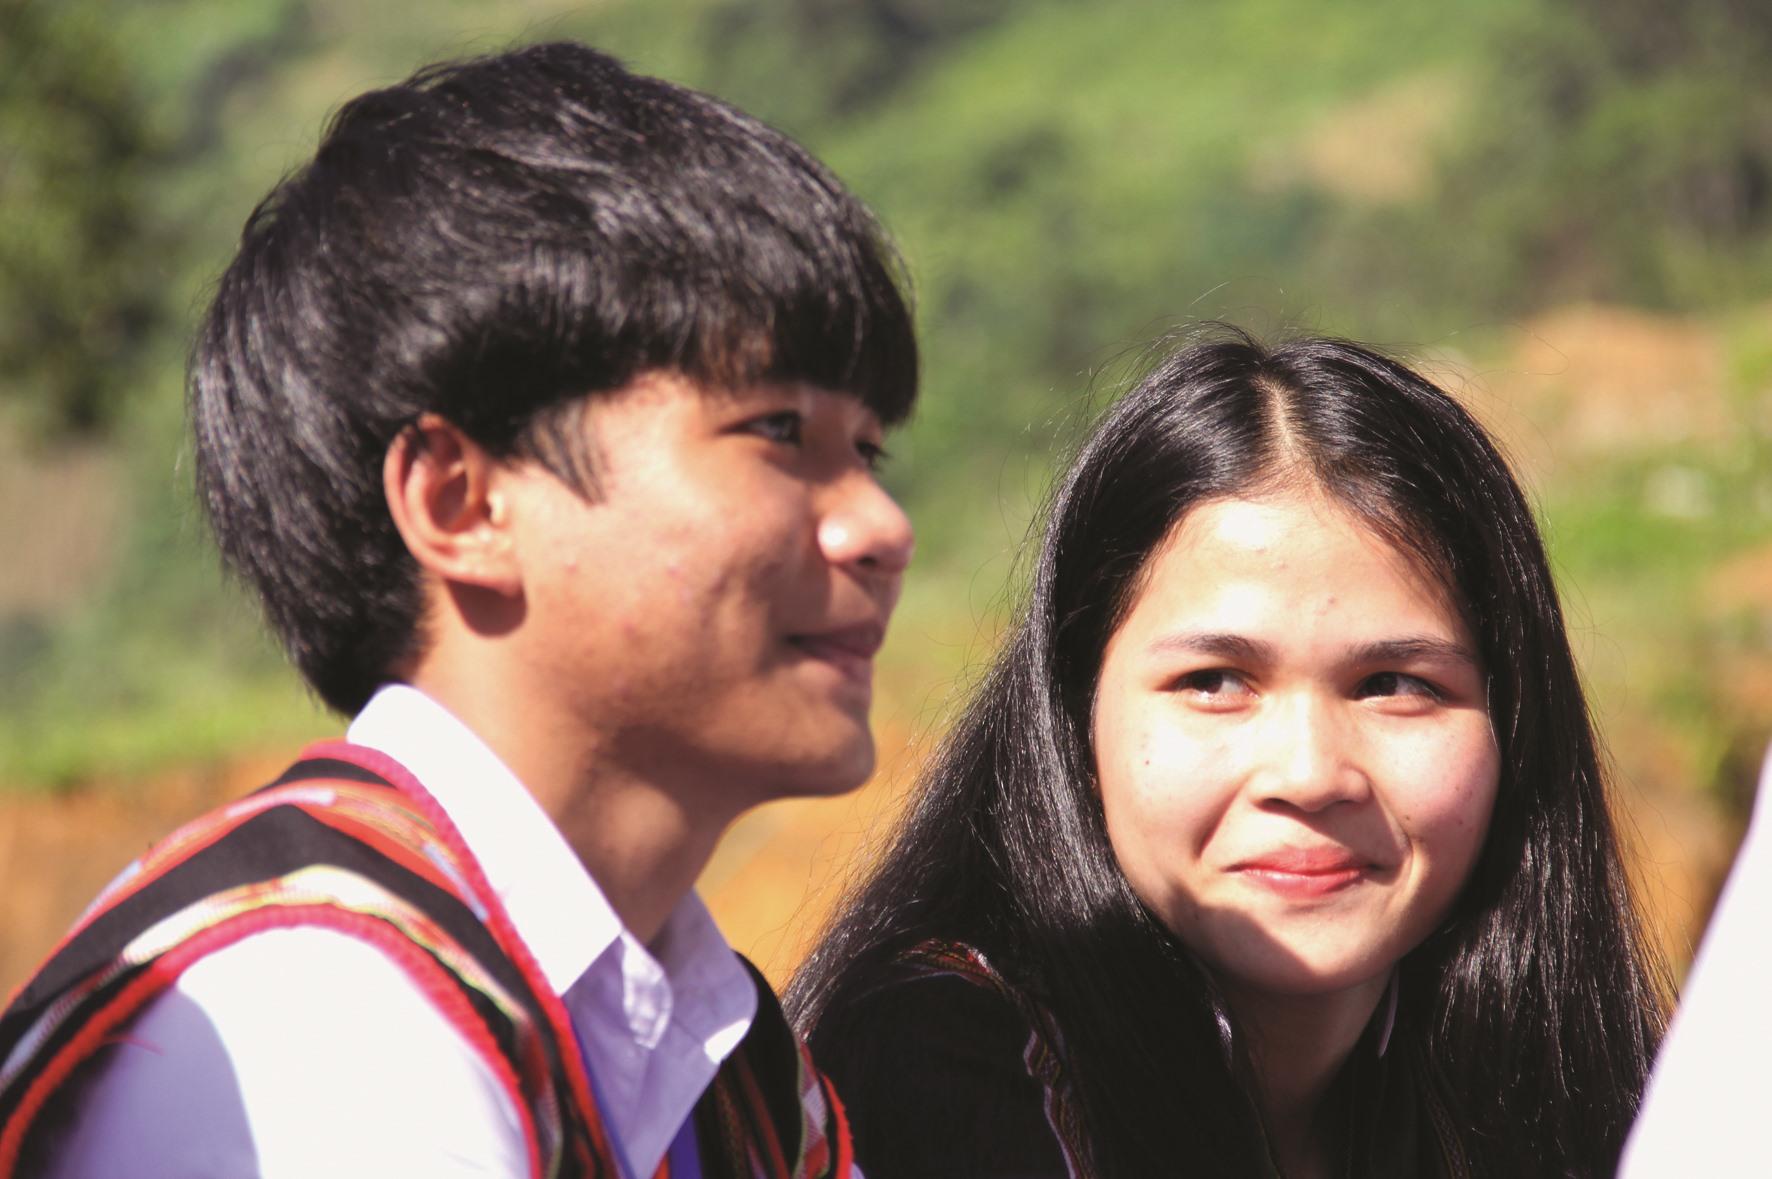 Cô gái Cơ Tu Zơrâm Thị Biếu (lớp 12C1, Trường THPT Võ Chí Công, Tây Giang) bẽn lẽn nhìn bạn trai cùng lớp trong ngày bế giảng năm học.